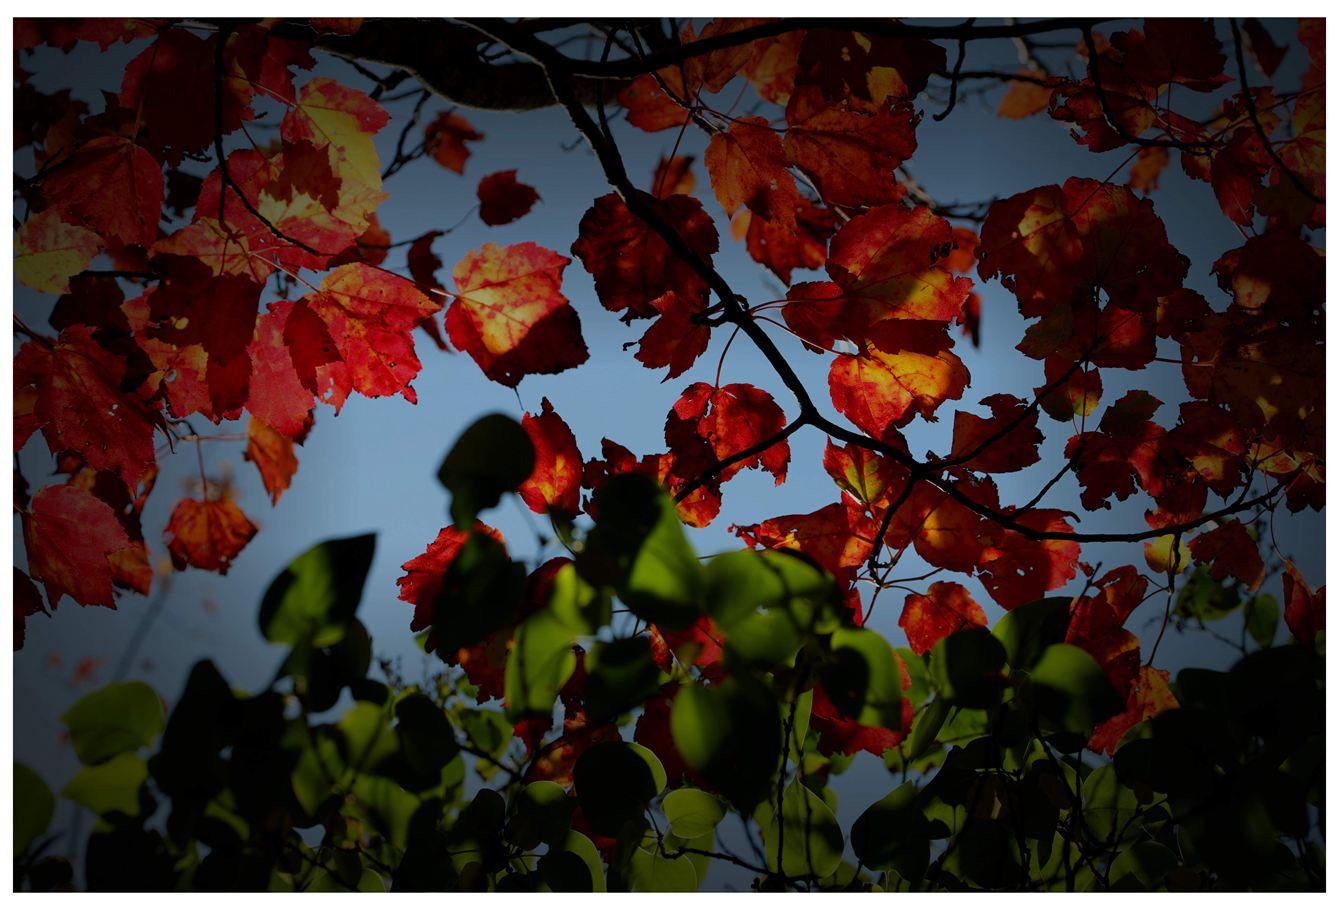 风光] 叶到红时勘比花—实拍美国东部深秋红叶_图1-14